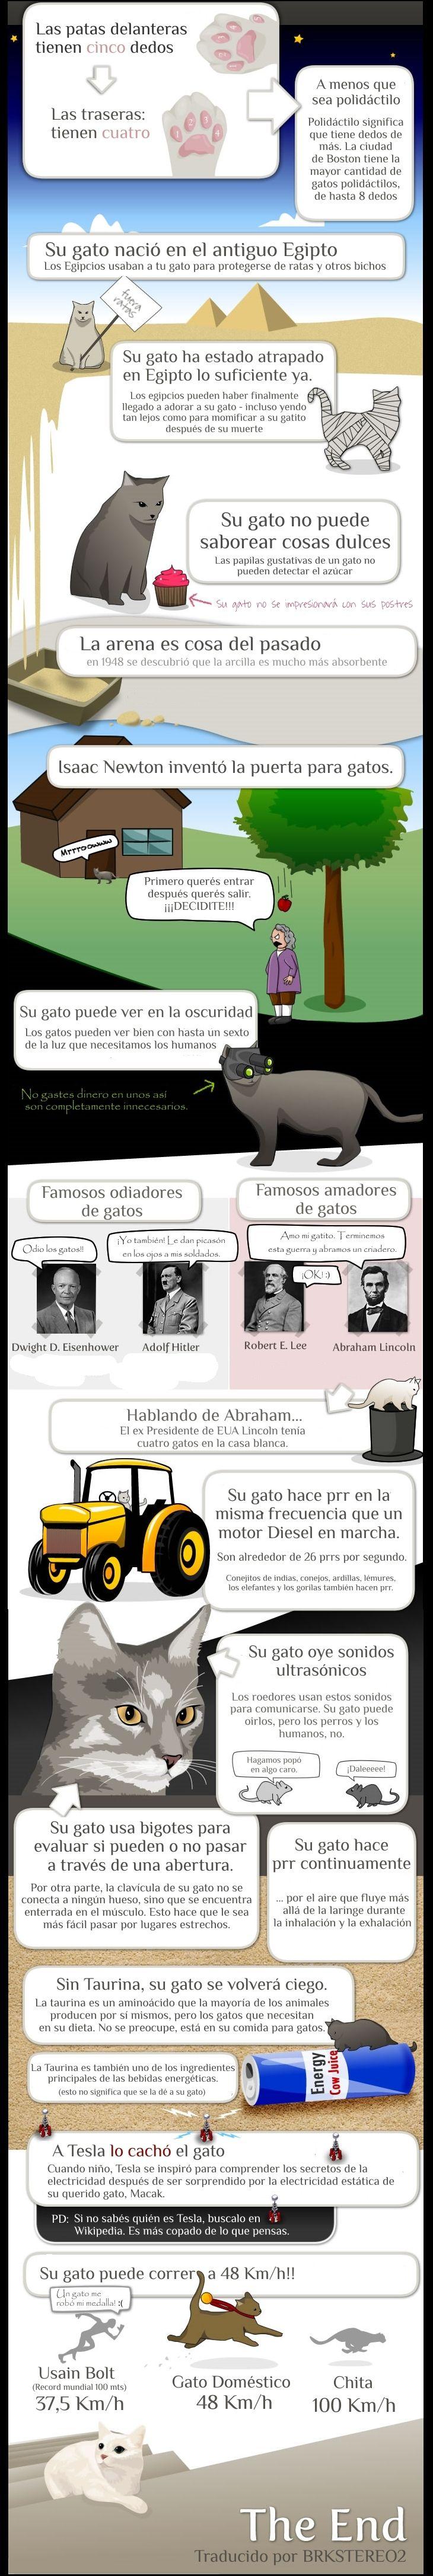 Todo lo que debes saber sobre tu gato http://beautifulfeline26.blogspot.mx/2014/02/todo-lo-que-debes-saber-sobre-tu-gato.html